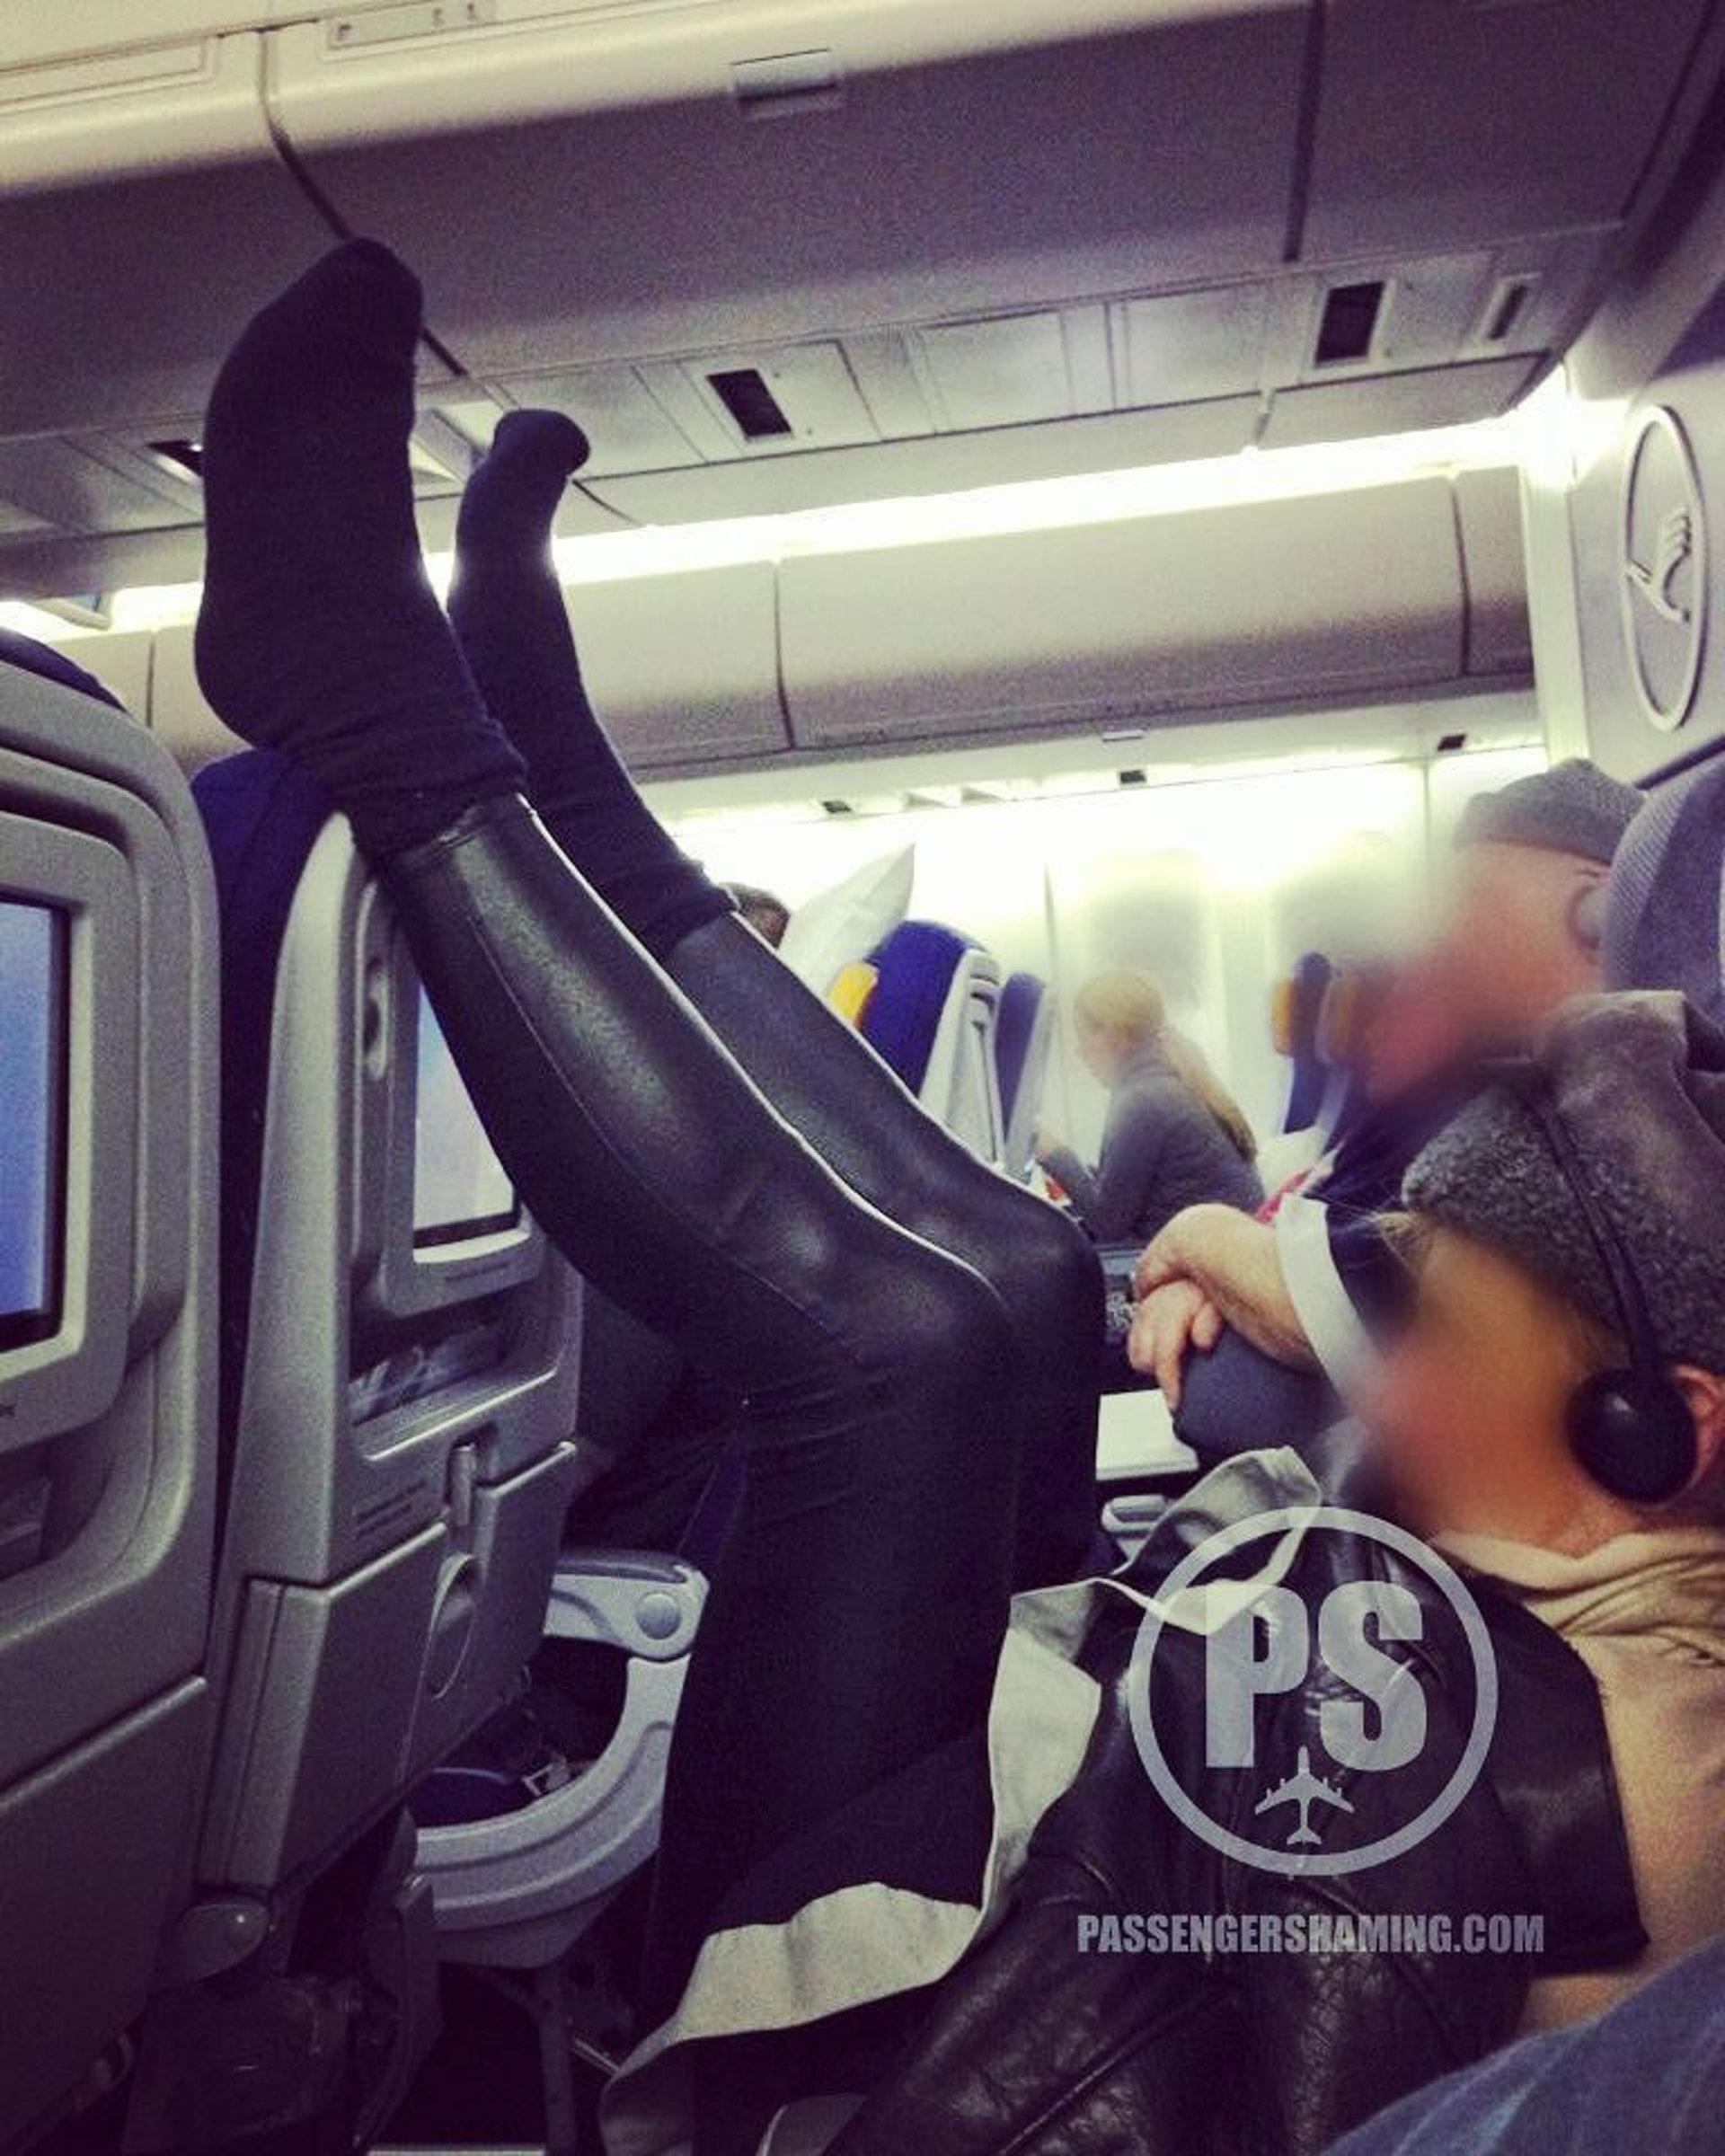 先撇除拉筋成效,其實前座乘客真的很無辜。(圖片來源:passengershaming@ig)